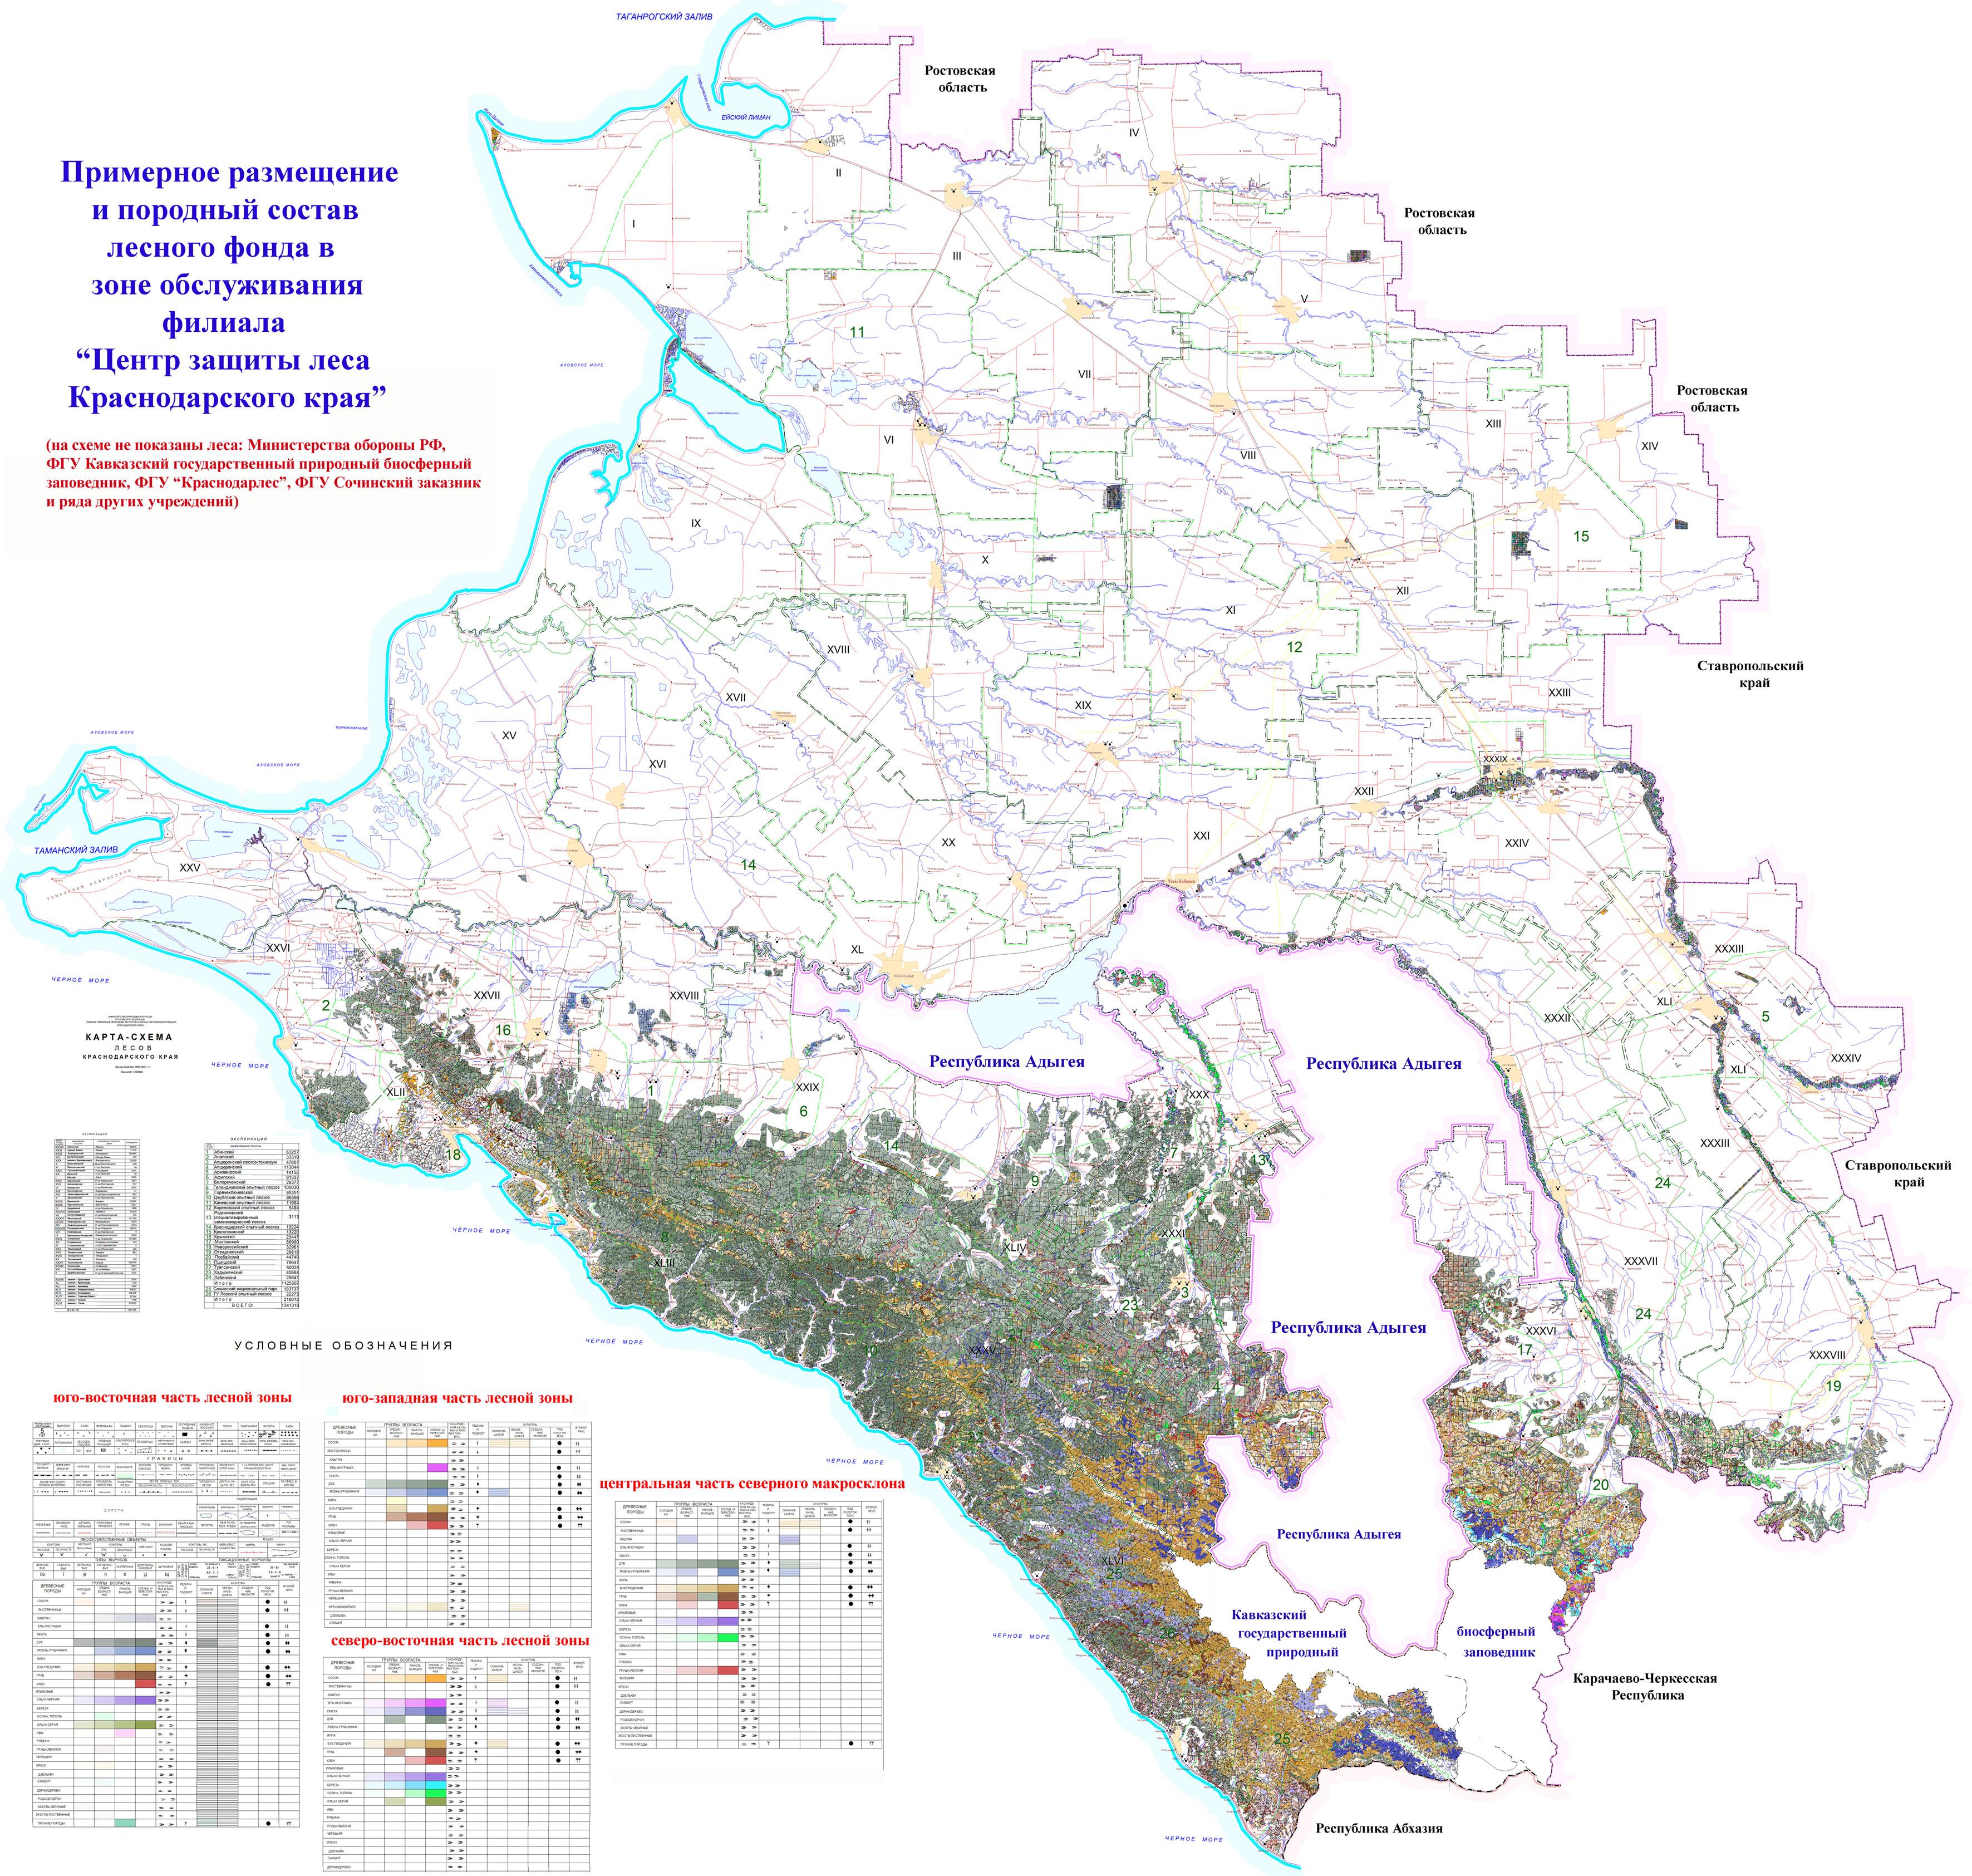 Схема карта краснодарского края